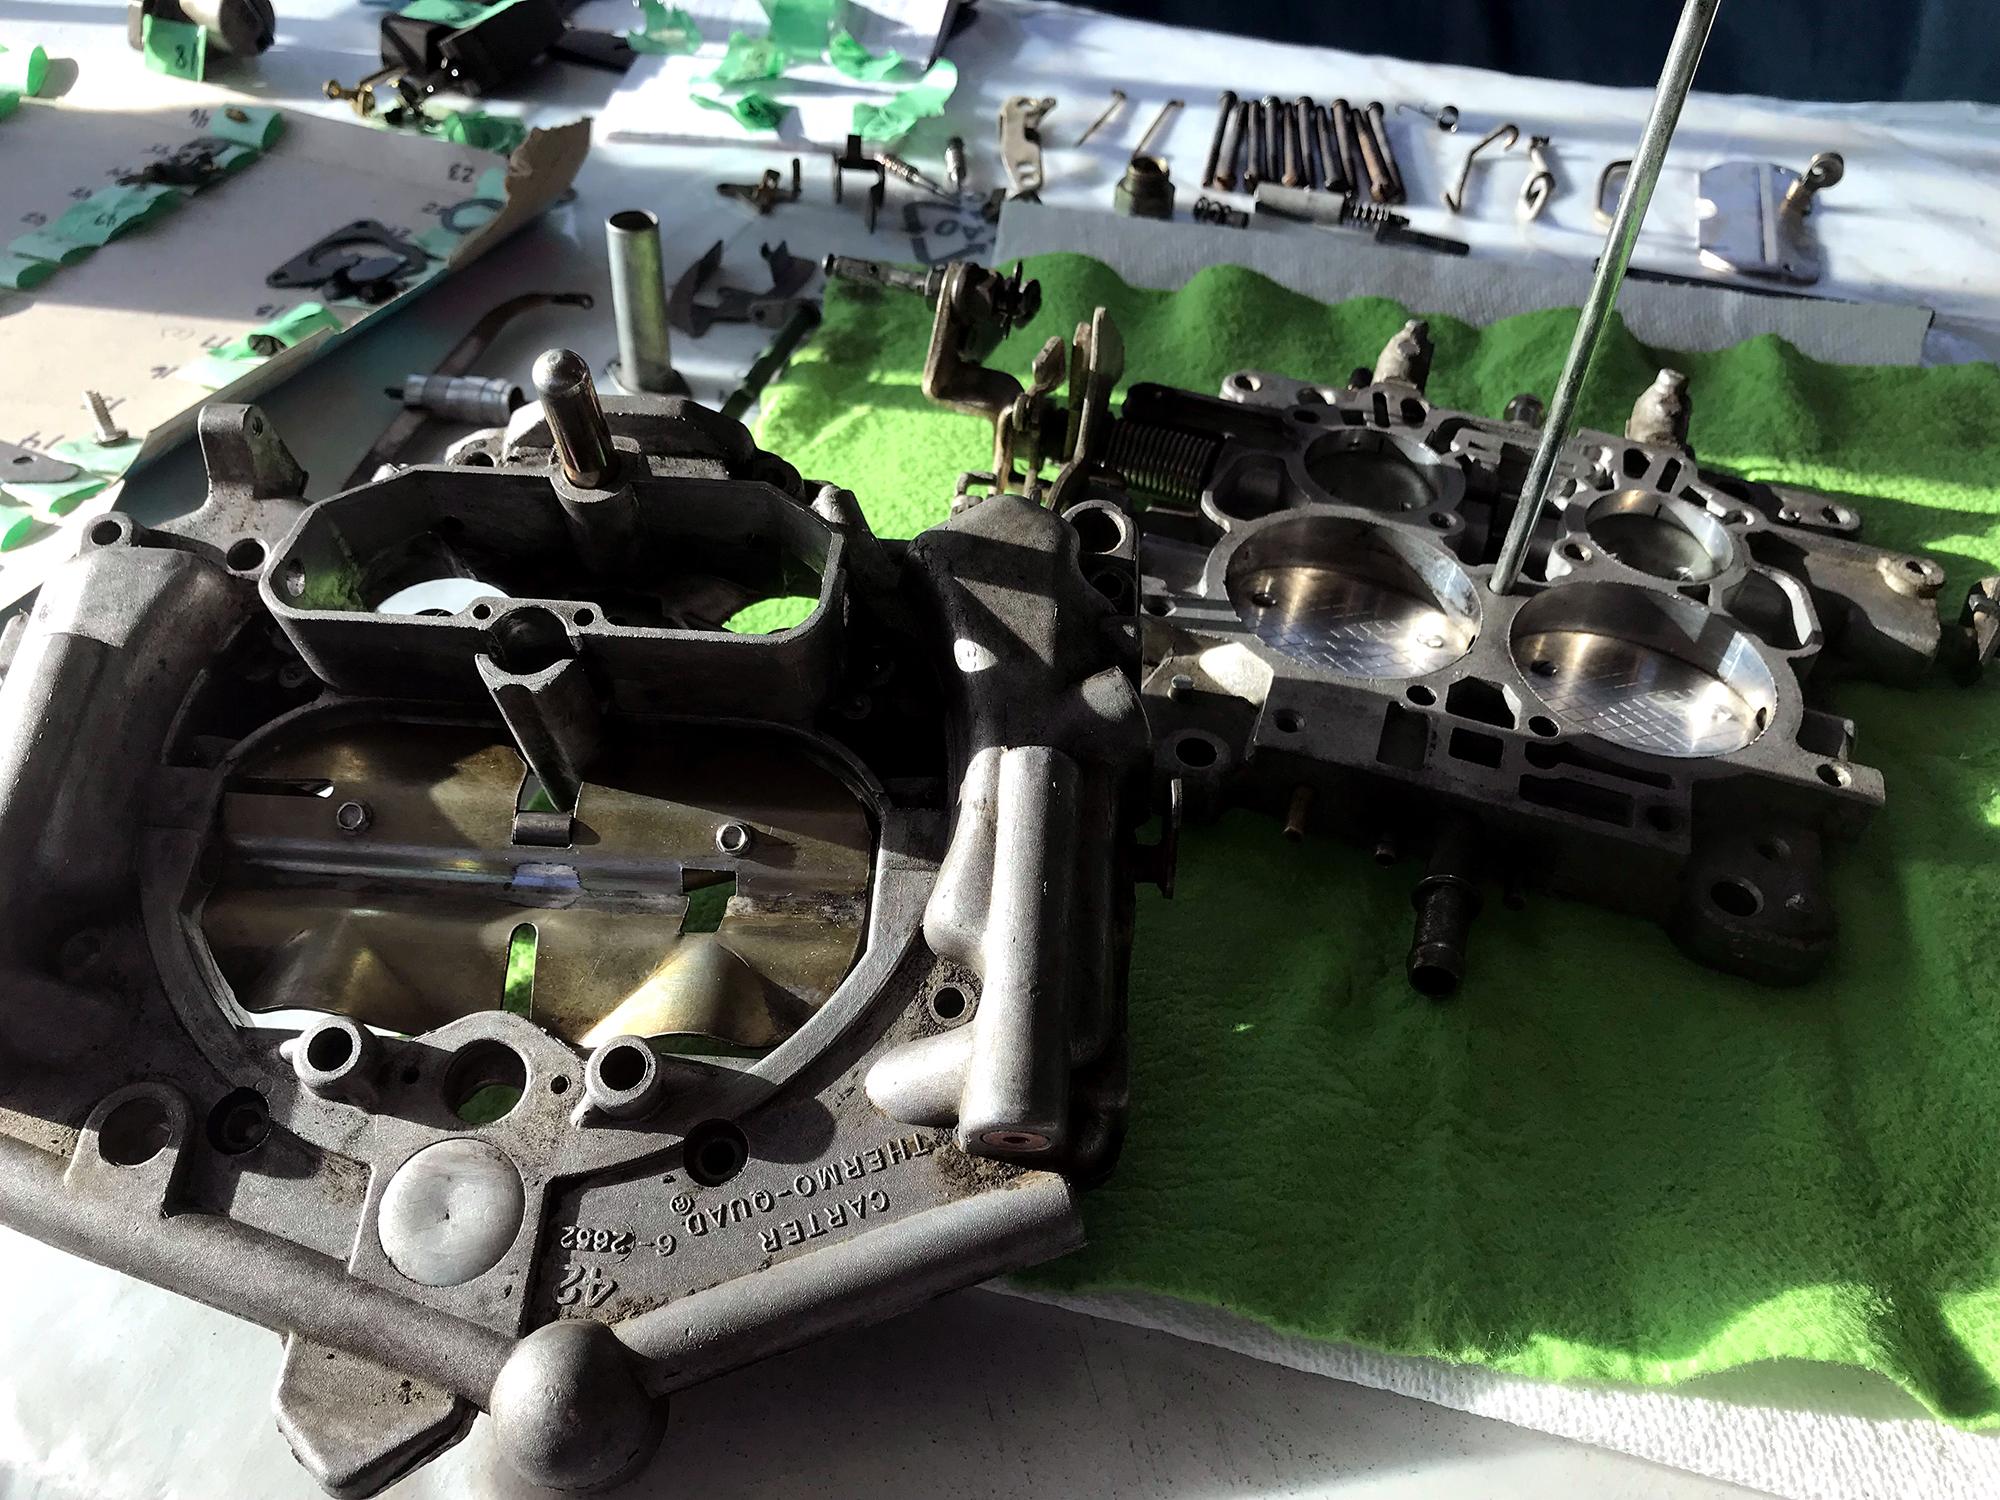 Generic Van Life - Albuquerque Clean Carburetor